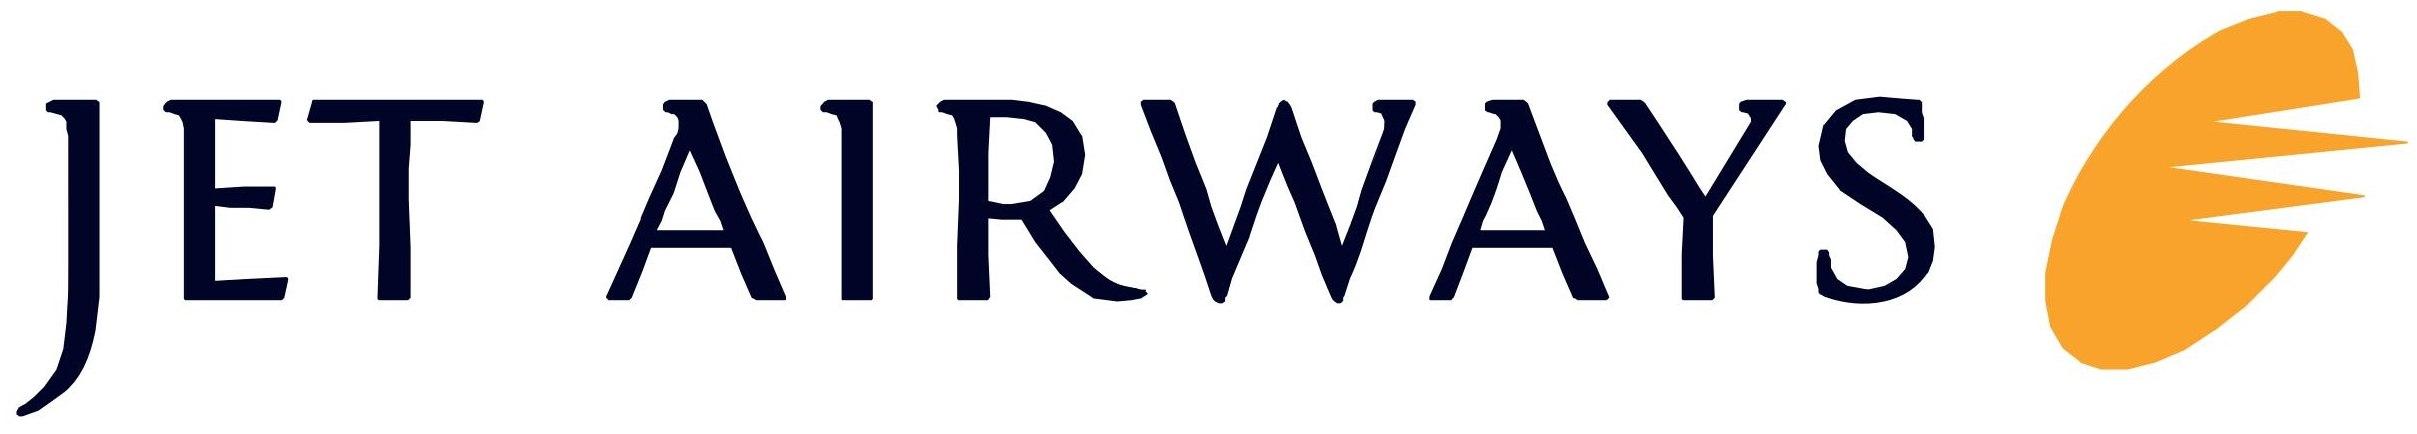 Jet Airways Logo png